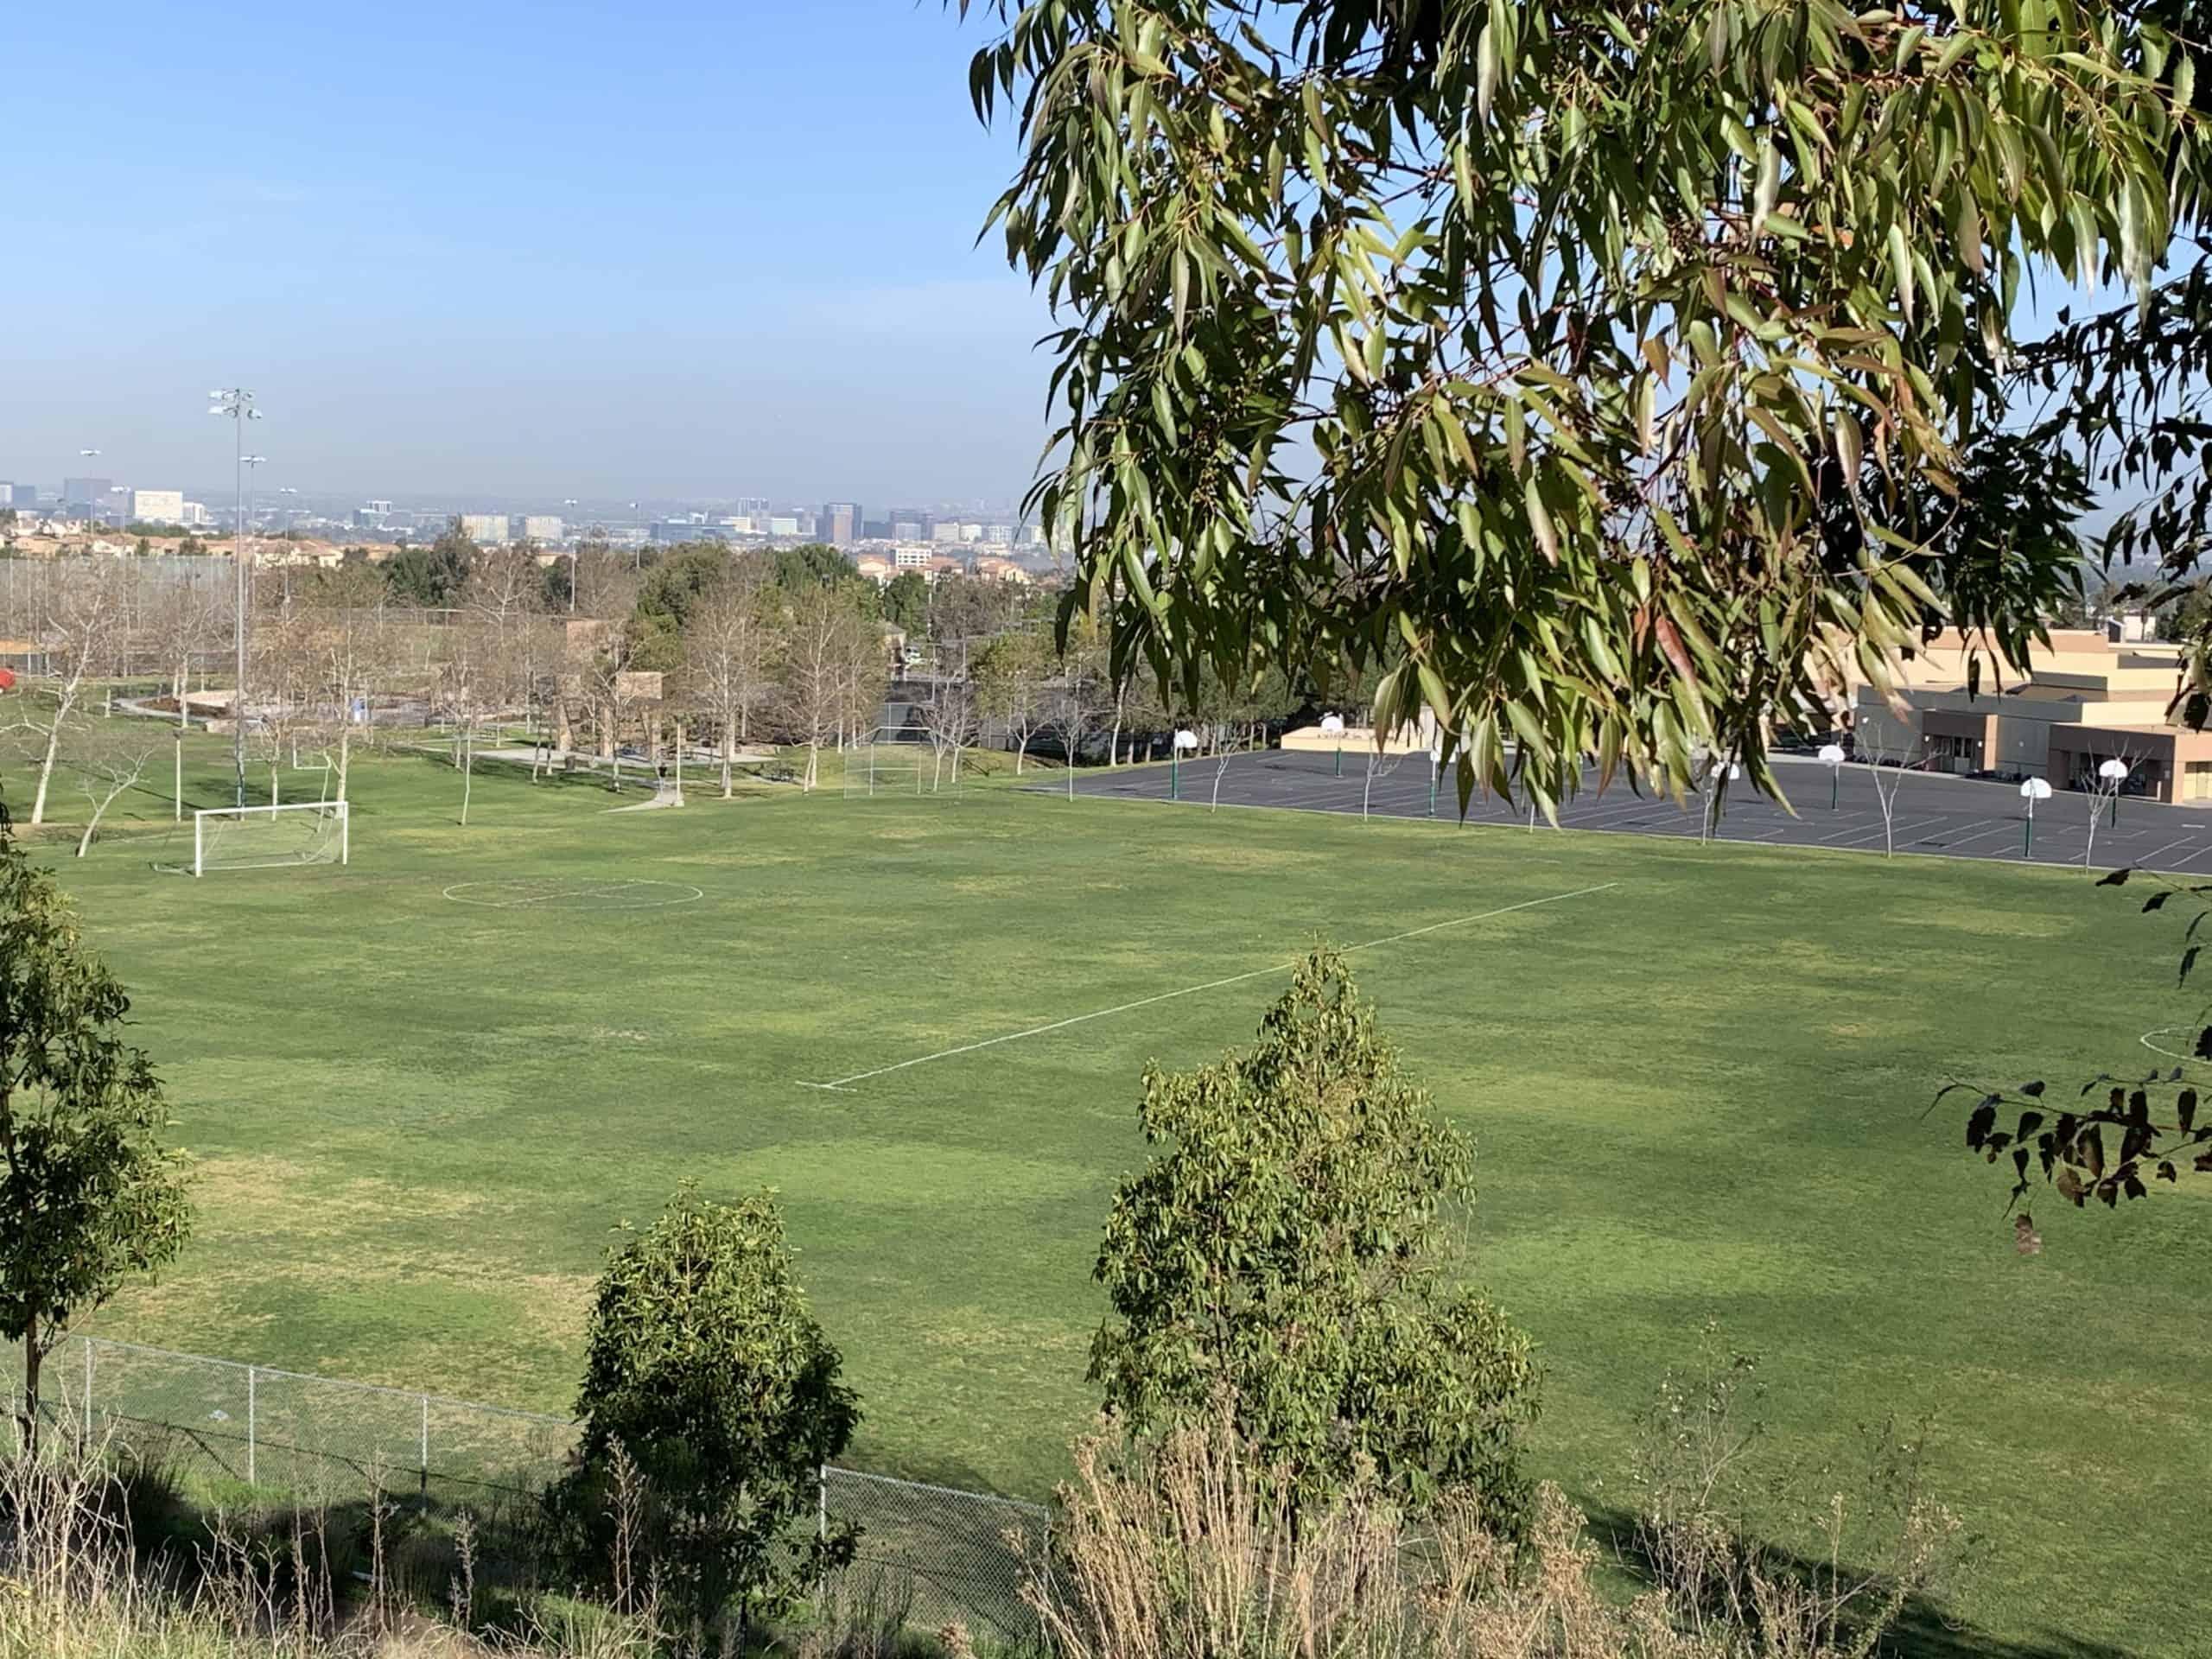 School site organic land care in irvine, CA